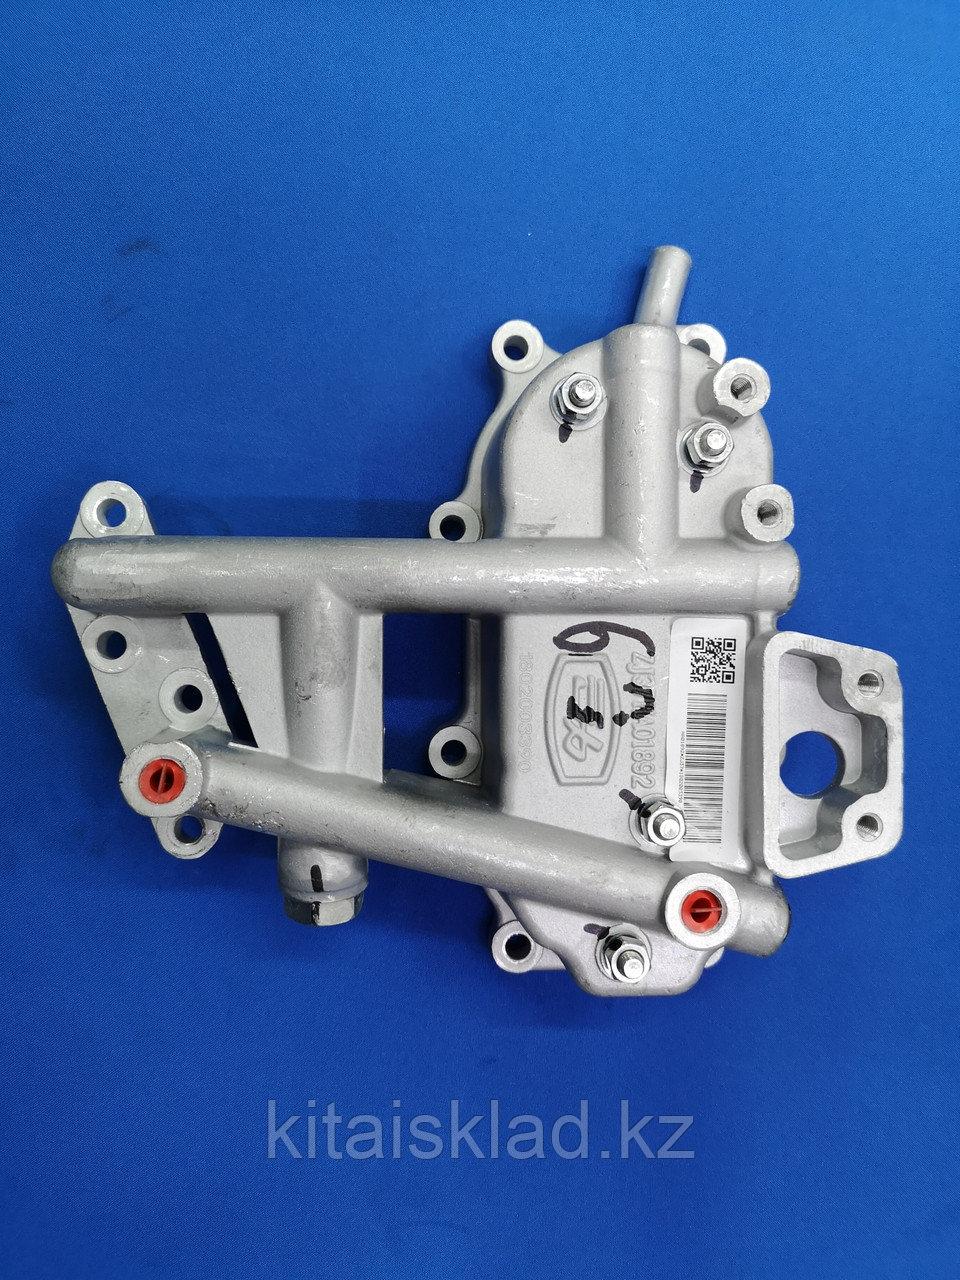 Масляный охладитель Теплообменник 4100QBZL турбовый